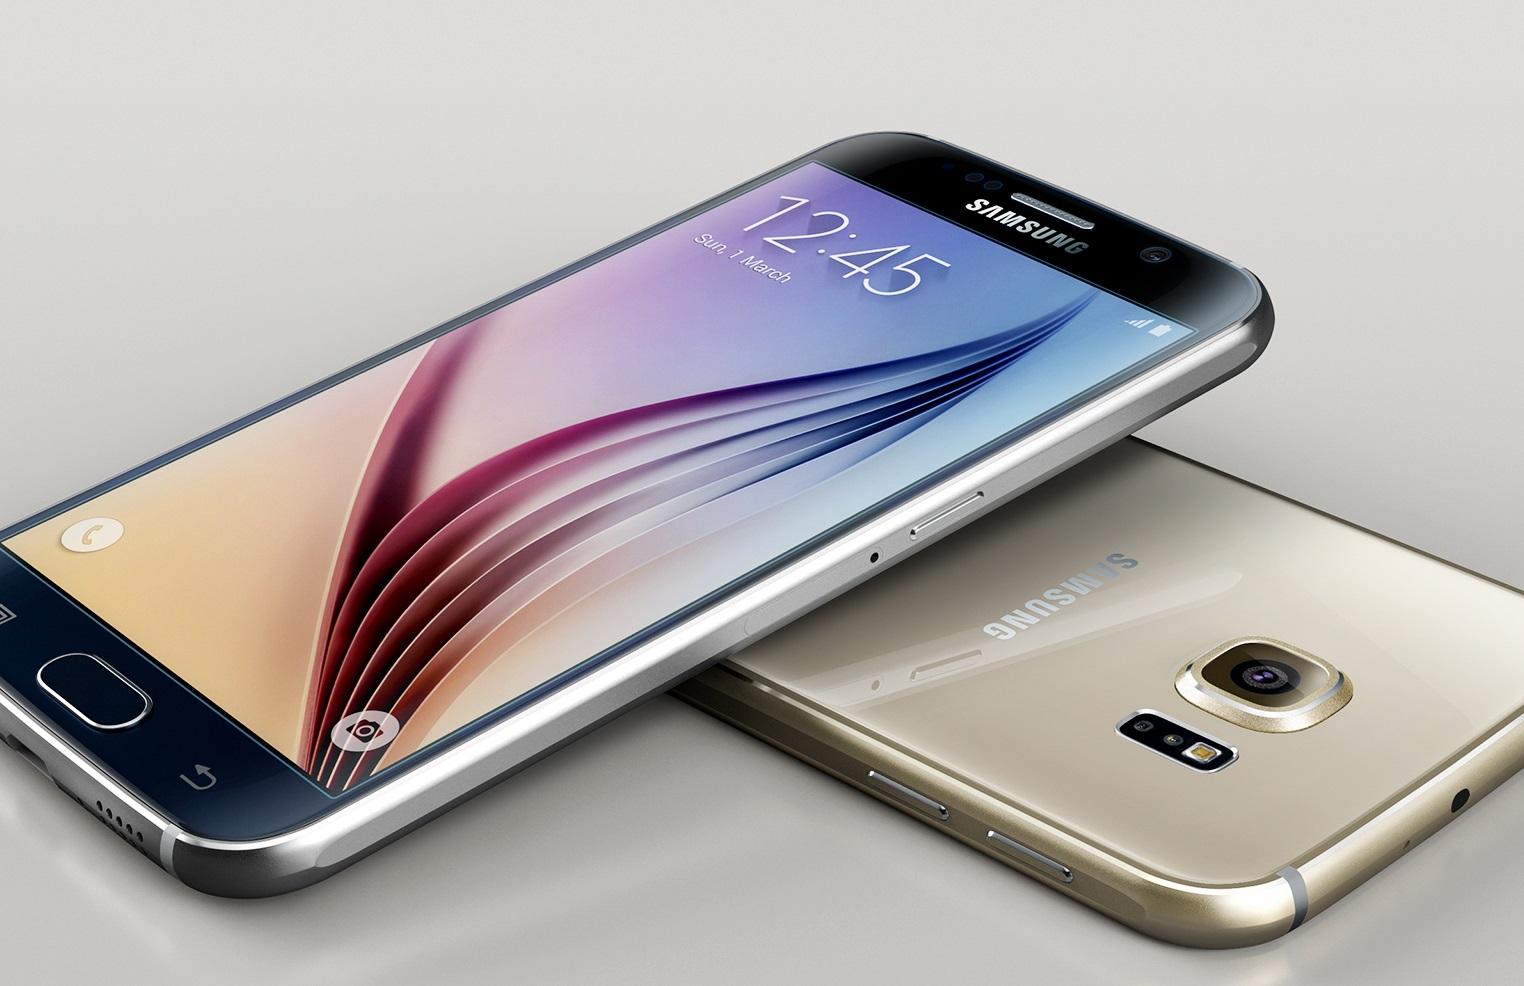 Le Samsung Galaxy S6 bénéficie d'Android 5.1.1 en France